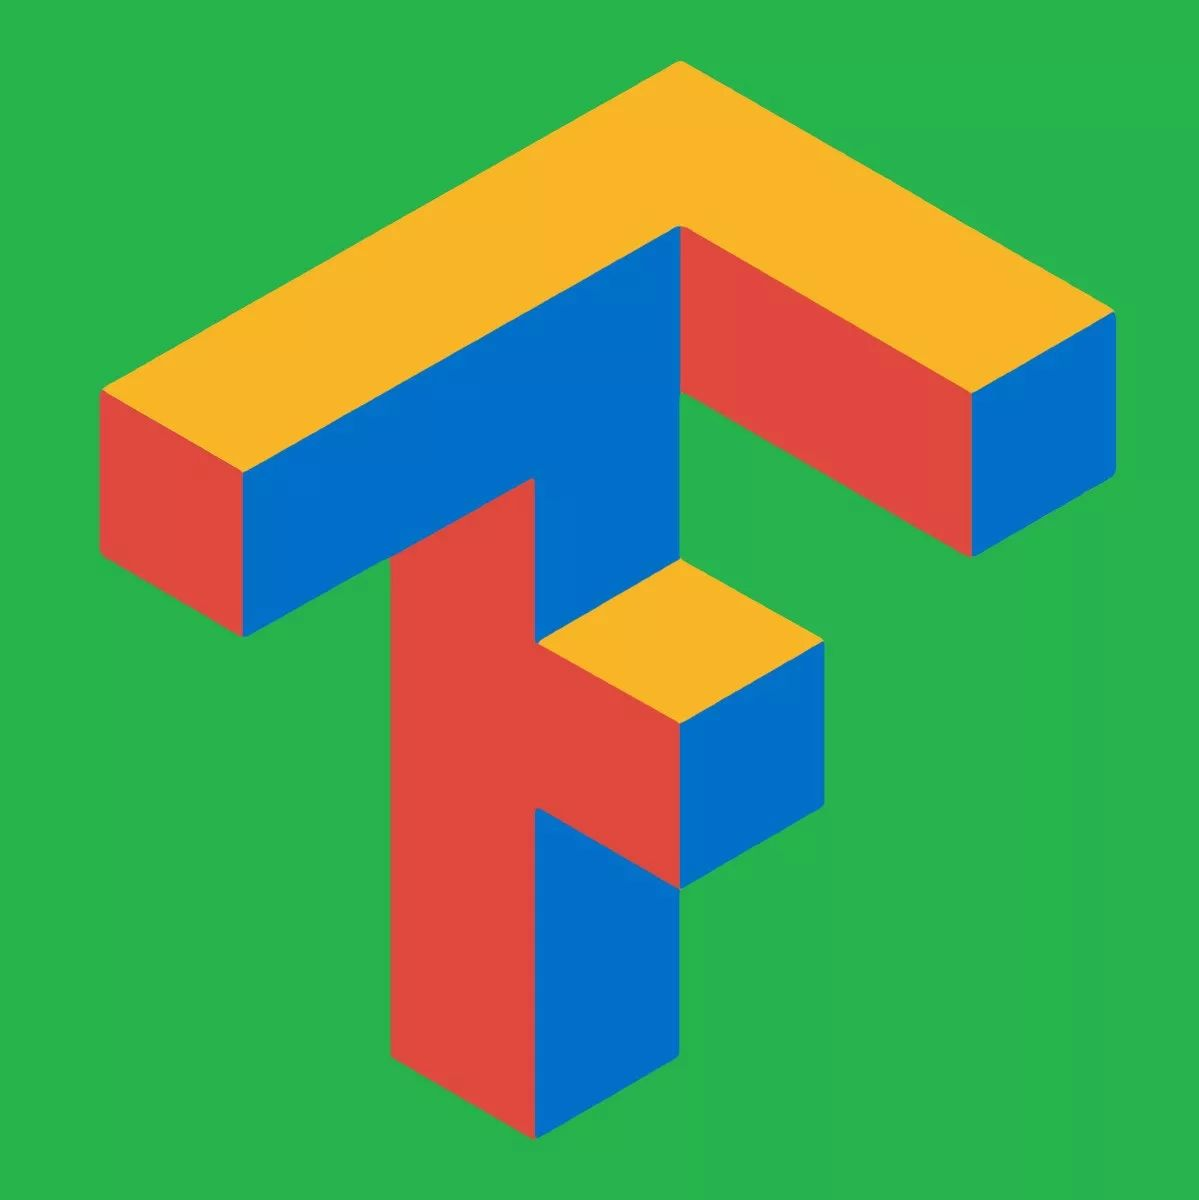 业界| 谷歌正式发布TensorFlow 1 5:终于支持CUDA 9和cuDNN 7